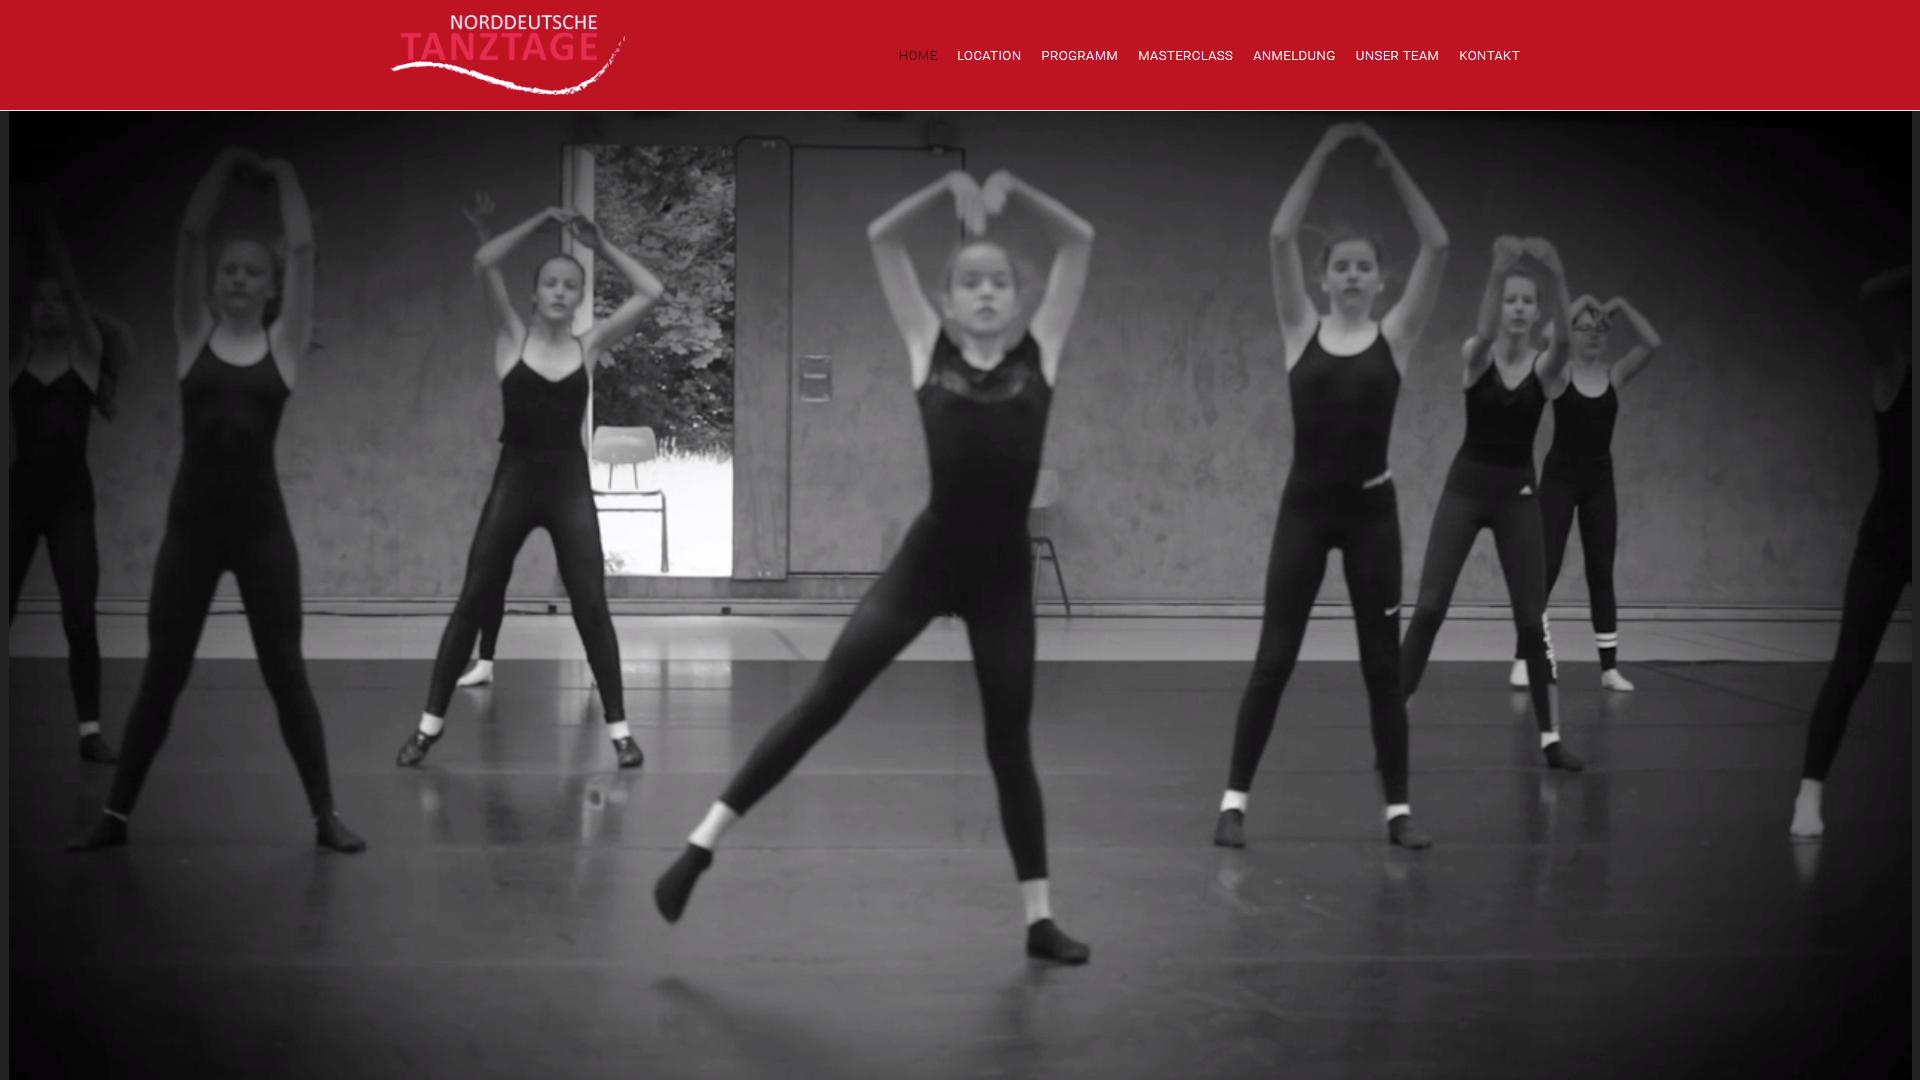 Referenz Norddeutsche Tanztage